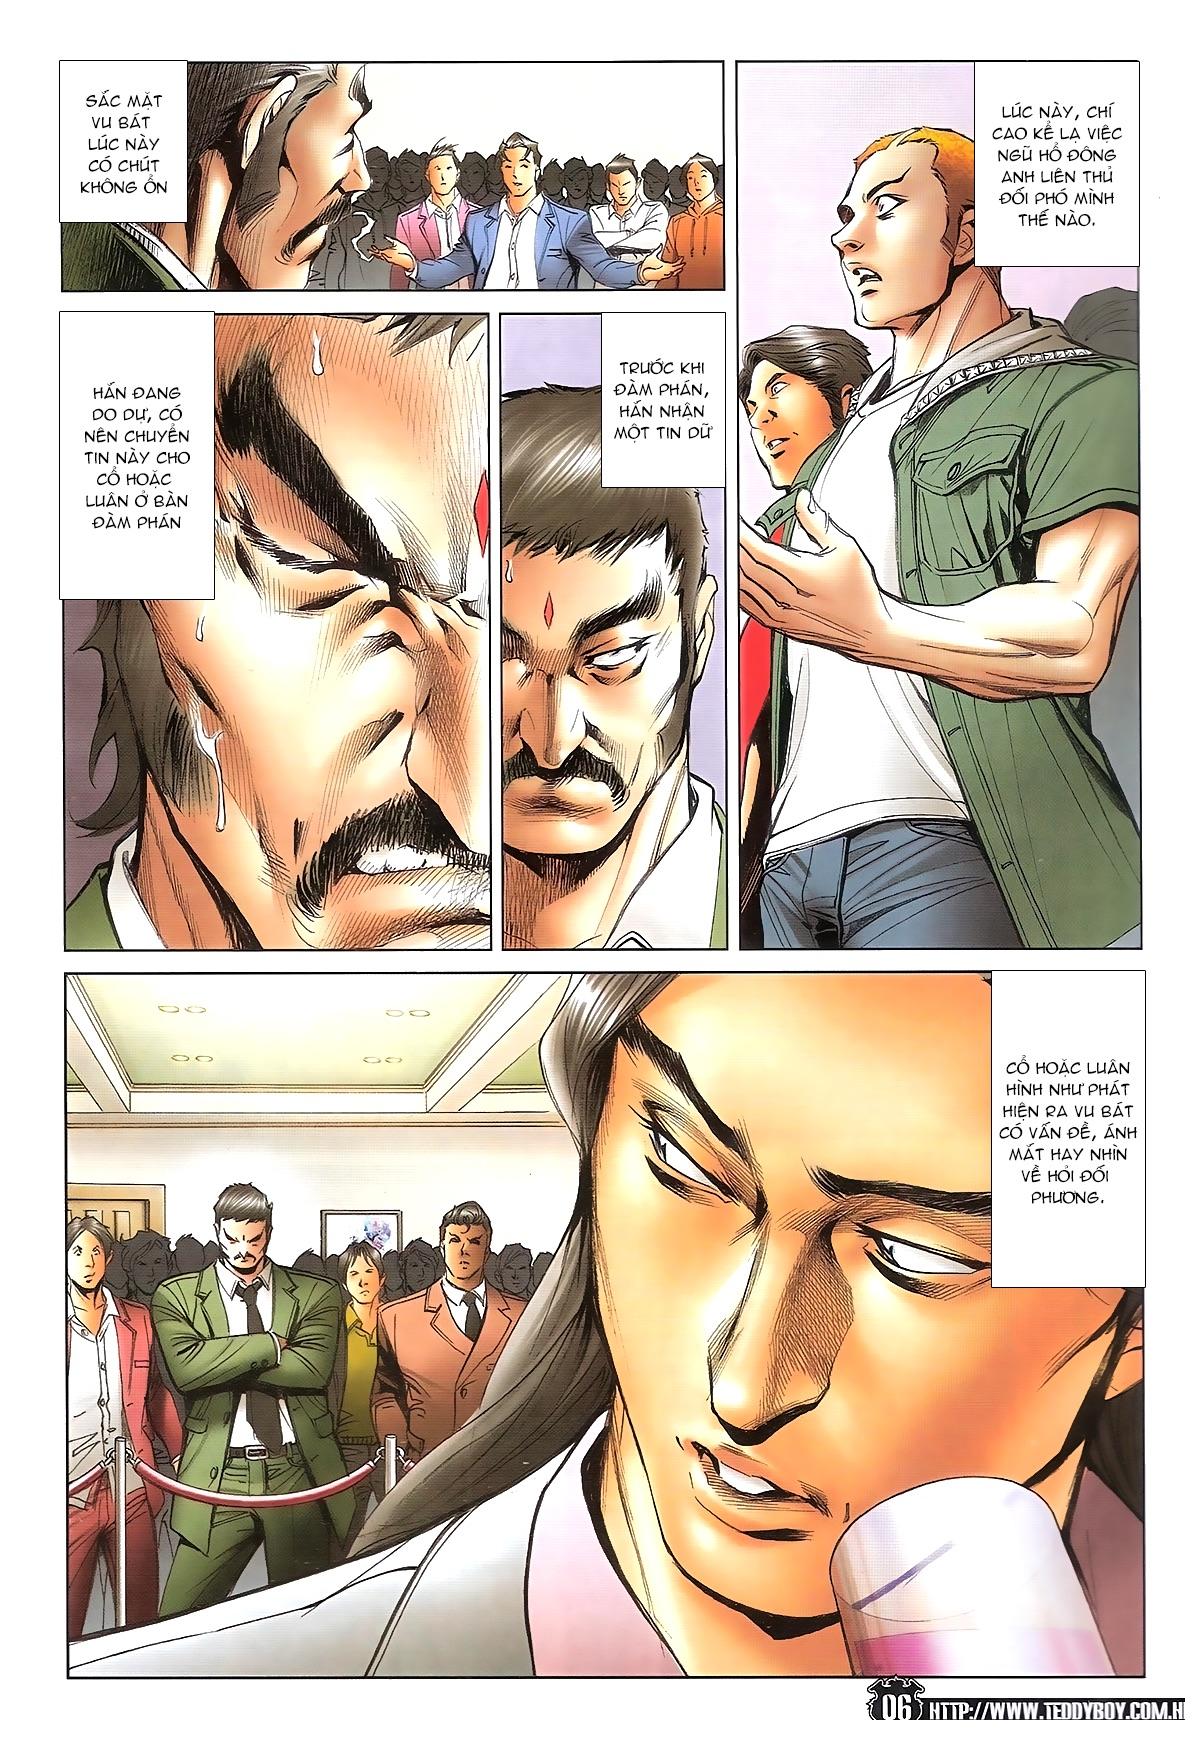 Người Trong Giang Hồ - Ngũ Hổ qui thiên - Chapter 1718: Đàm phán siêu cấp 4 - Pic 5